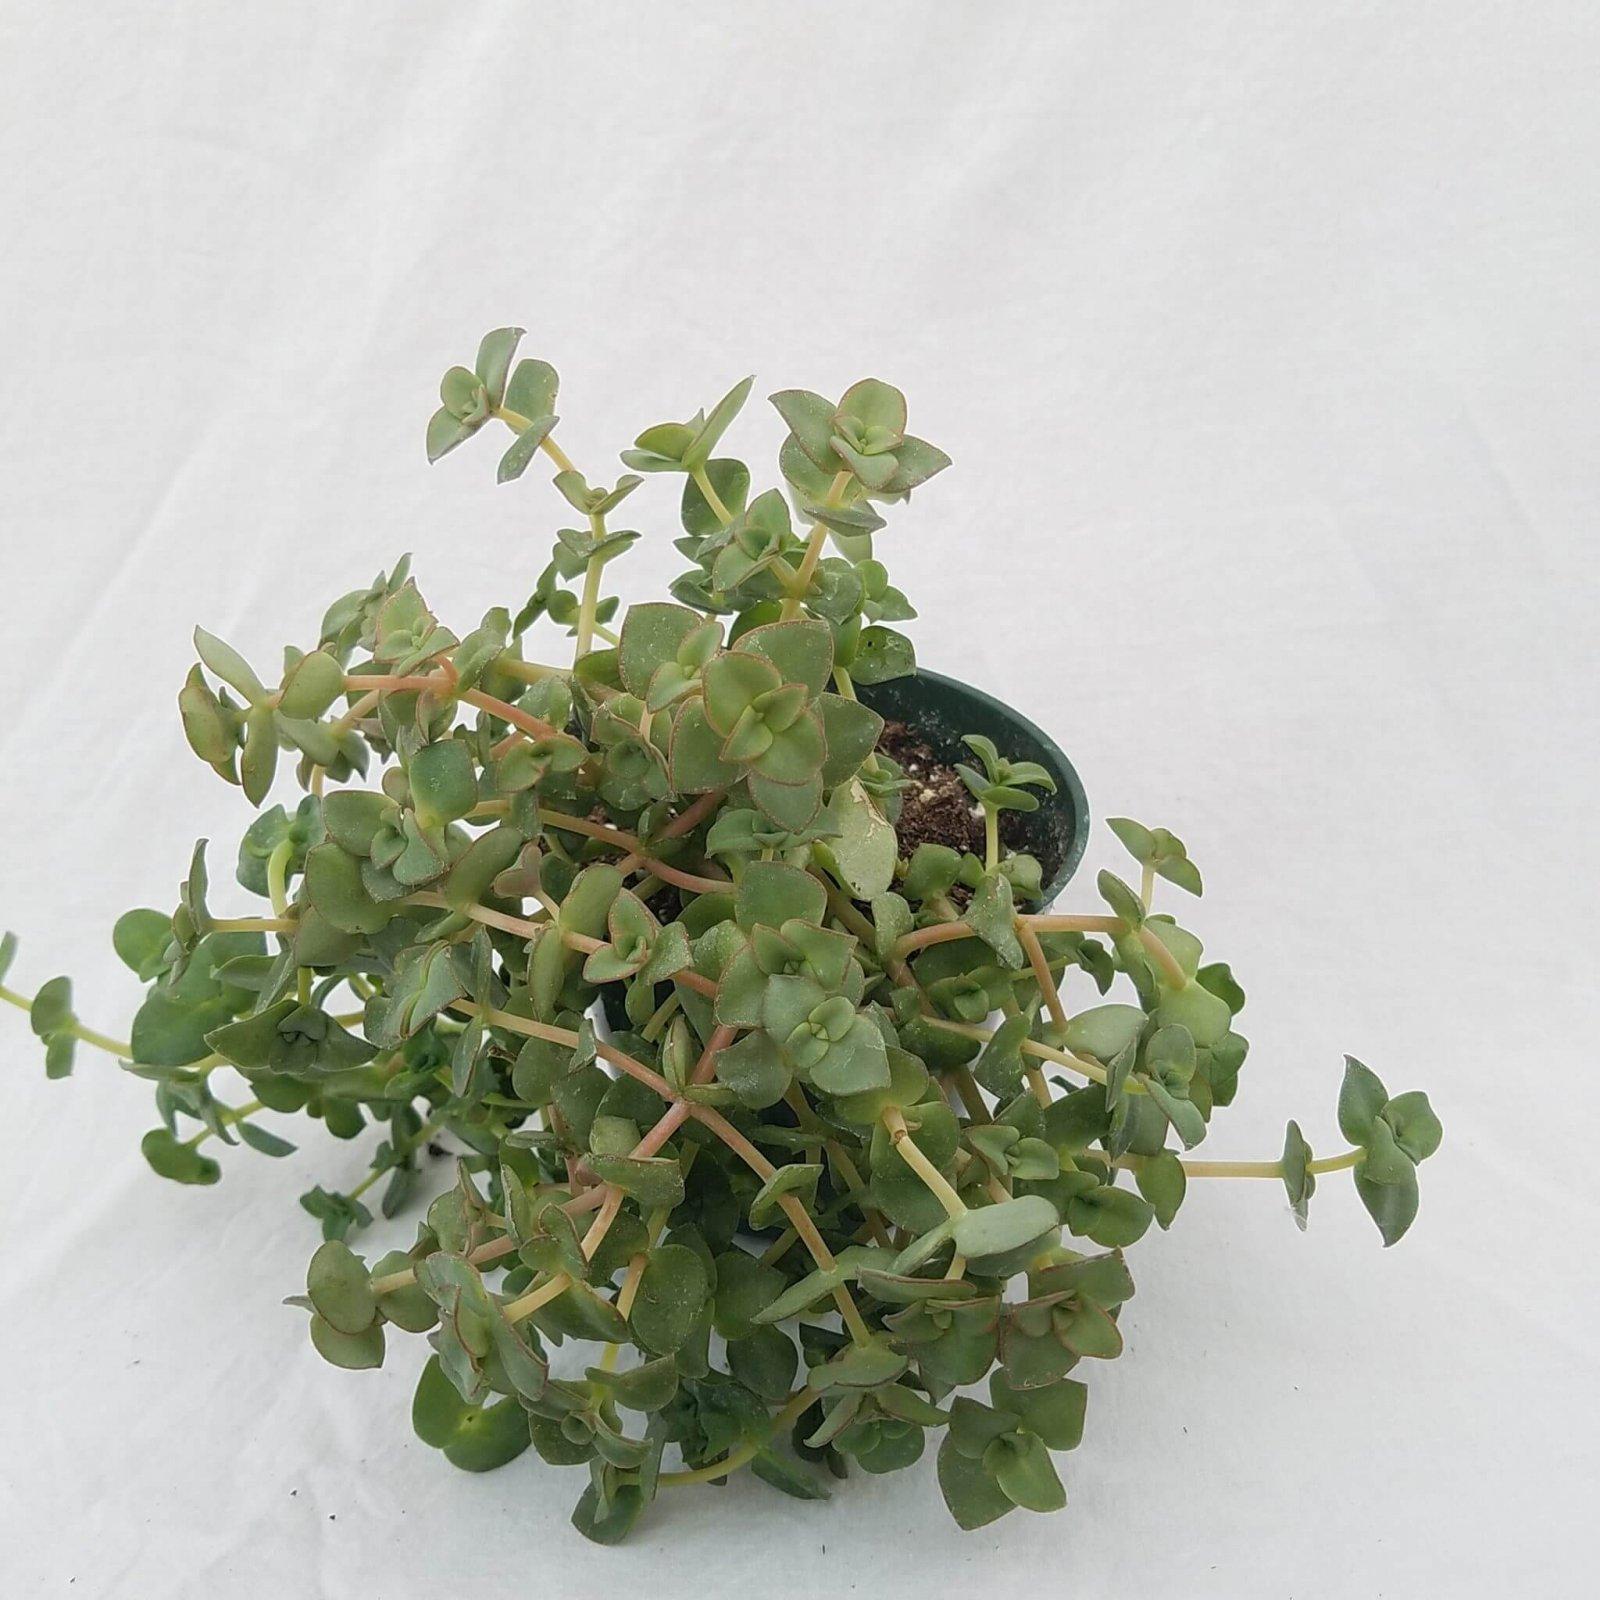 Crassula pellucida - 4 1/2